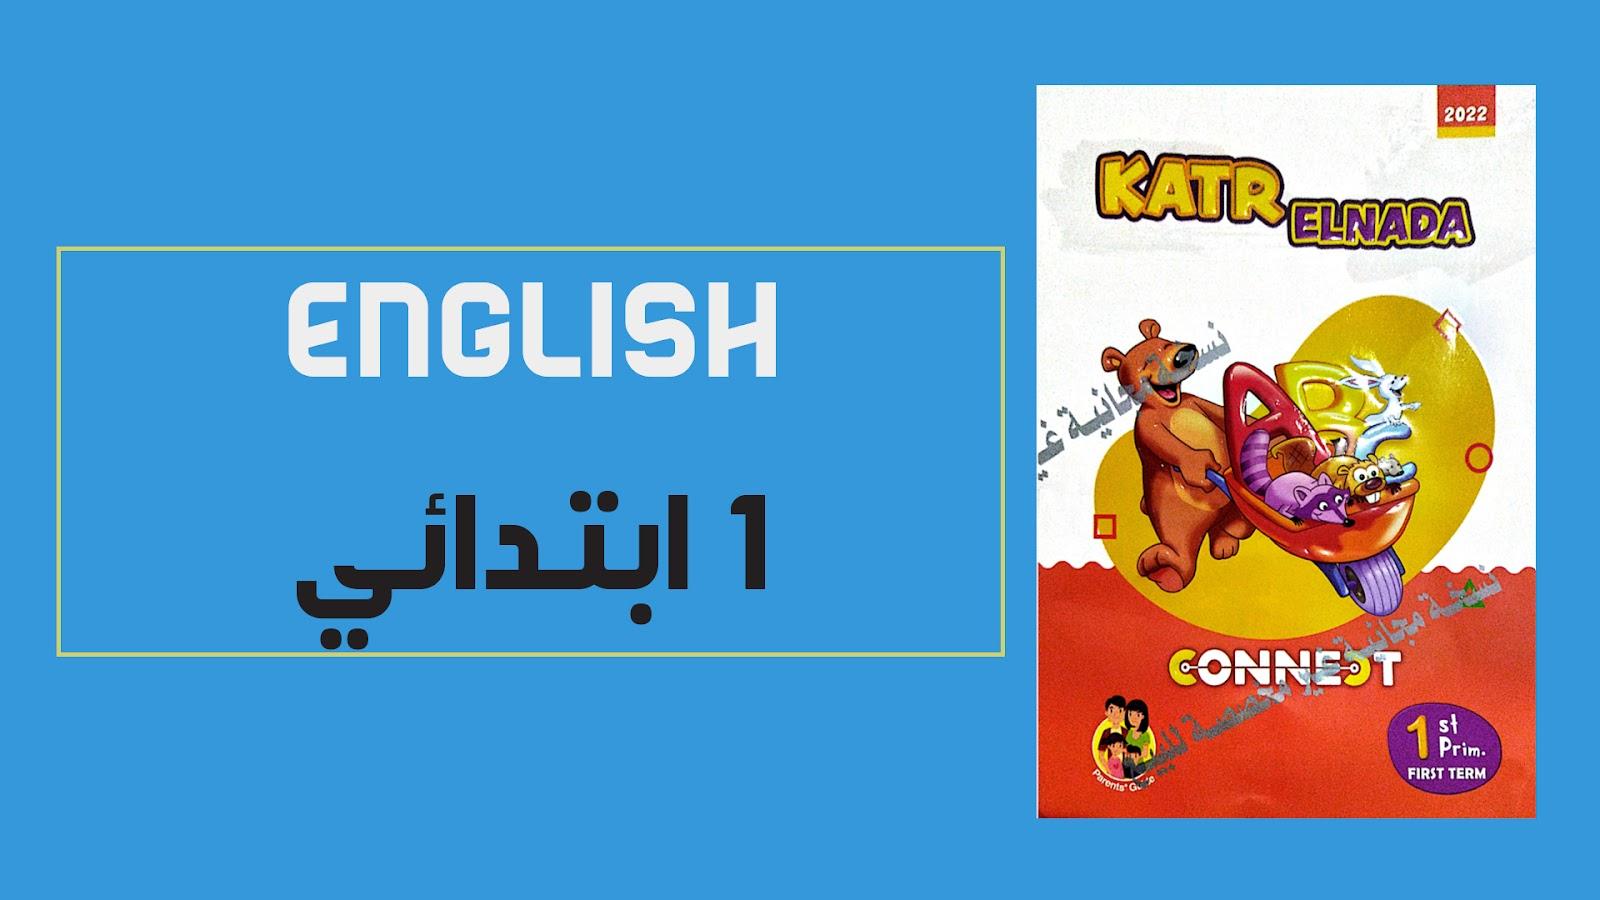 تحميل كتاب قطر الندى فى اللغة الانجليزية للصف الاول الابتدائى الترم الاول 2022 (النسخة الجديدة)